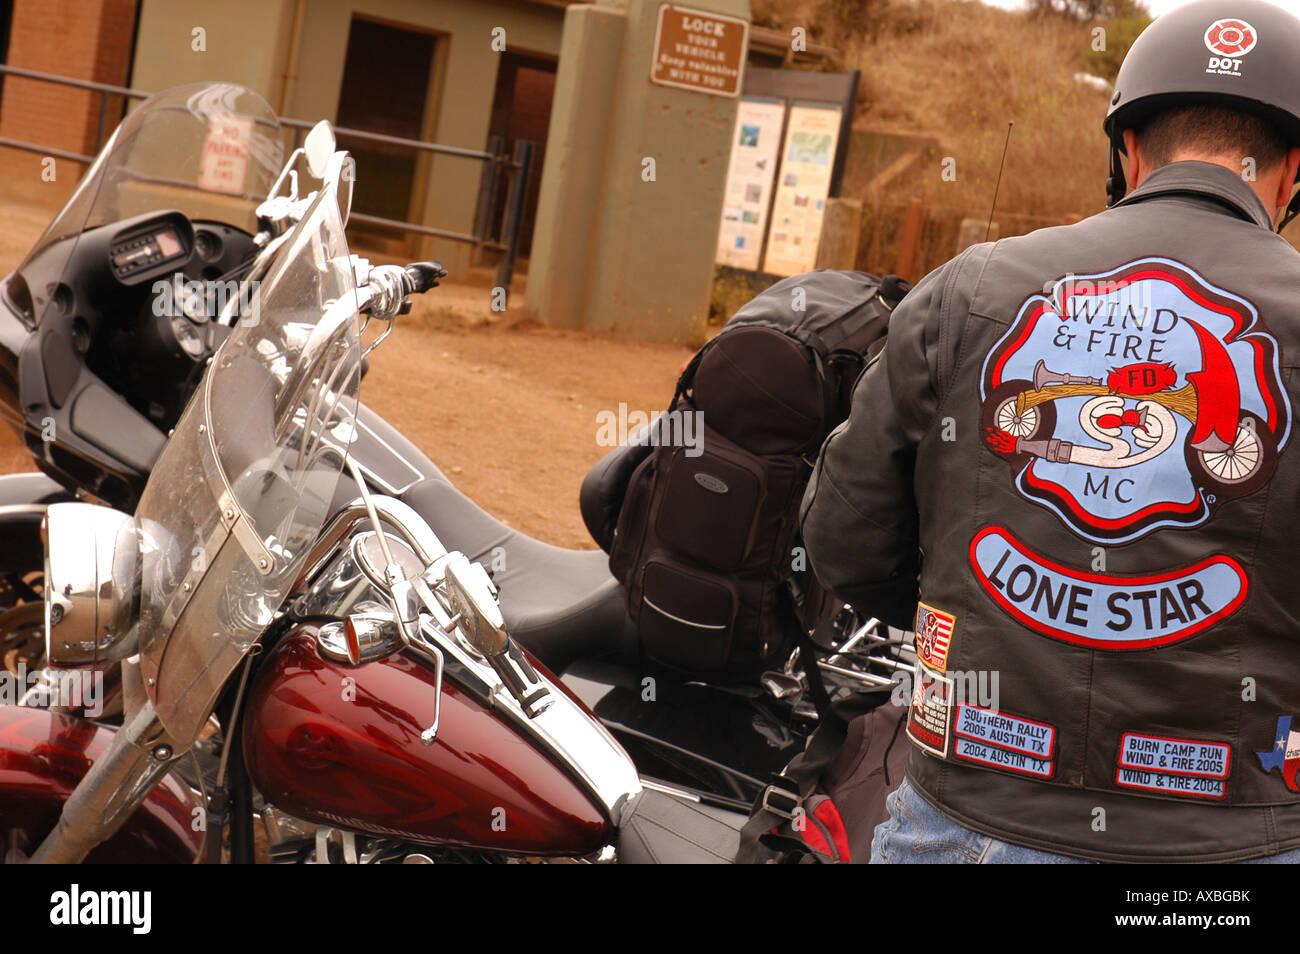 Motorcyclist in San Francisco bay area San Francisco USA Stock Photo